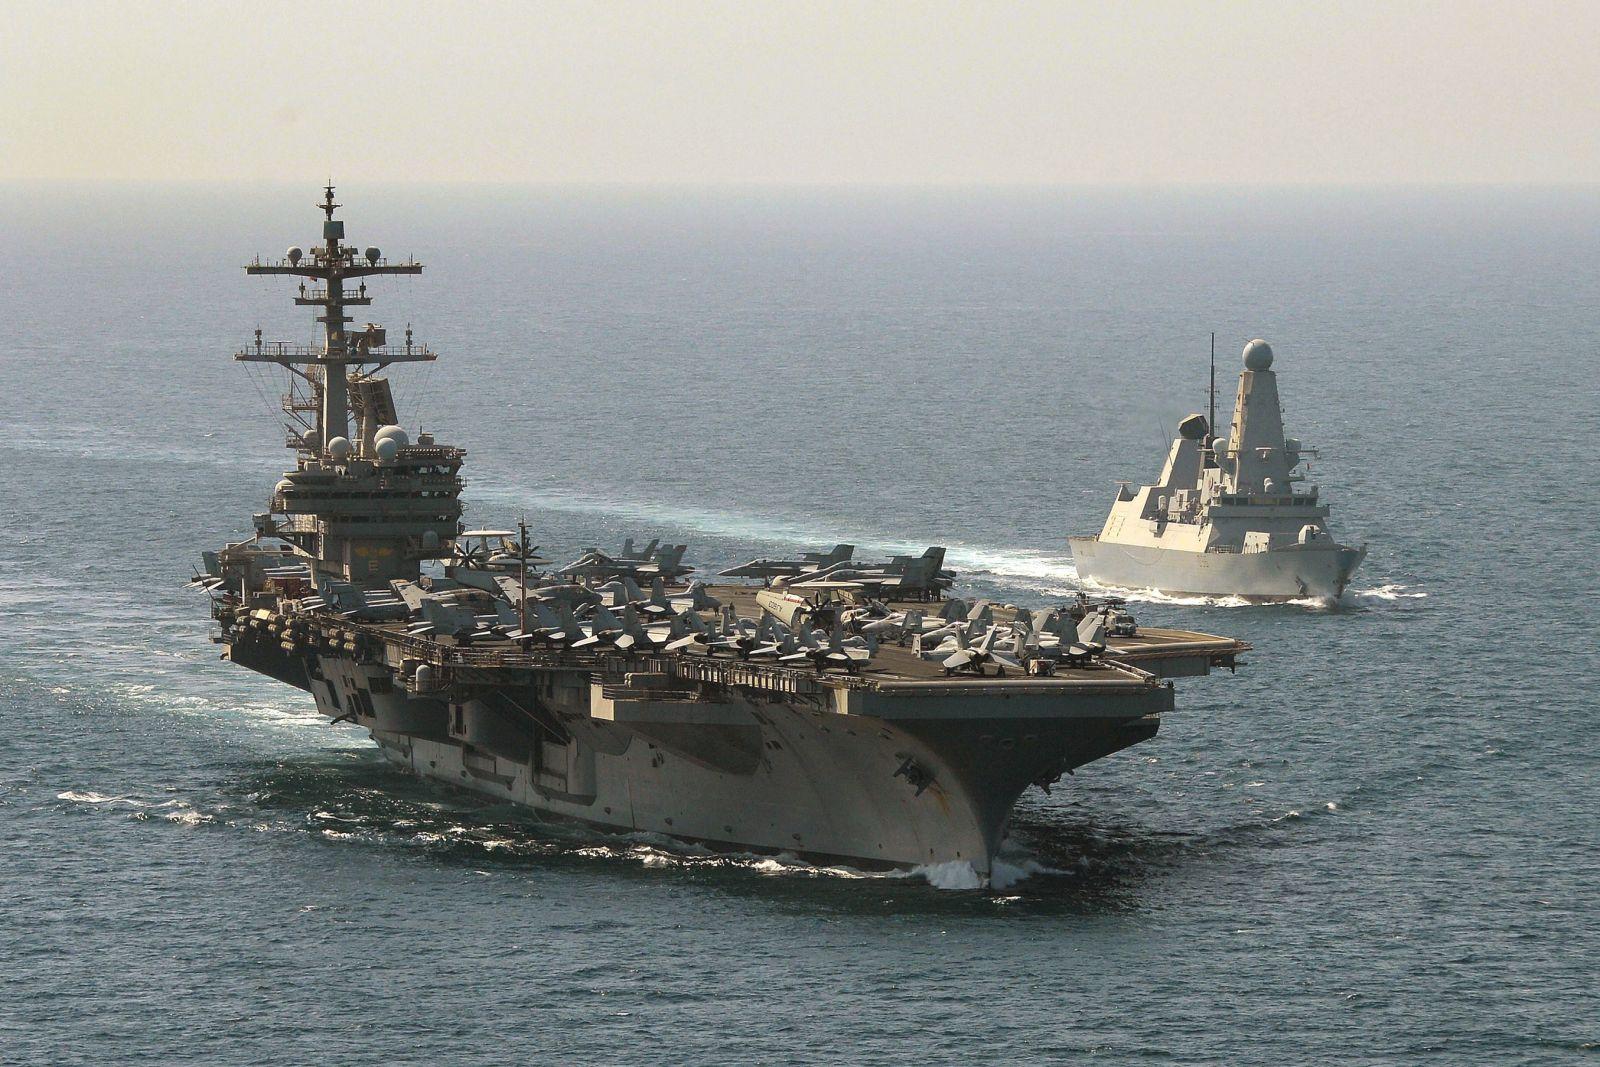 Американский атомный ударный авианосец USS George H W Bush и эсминец HMS Defender ВМС Великобритании.